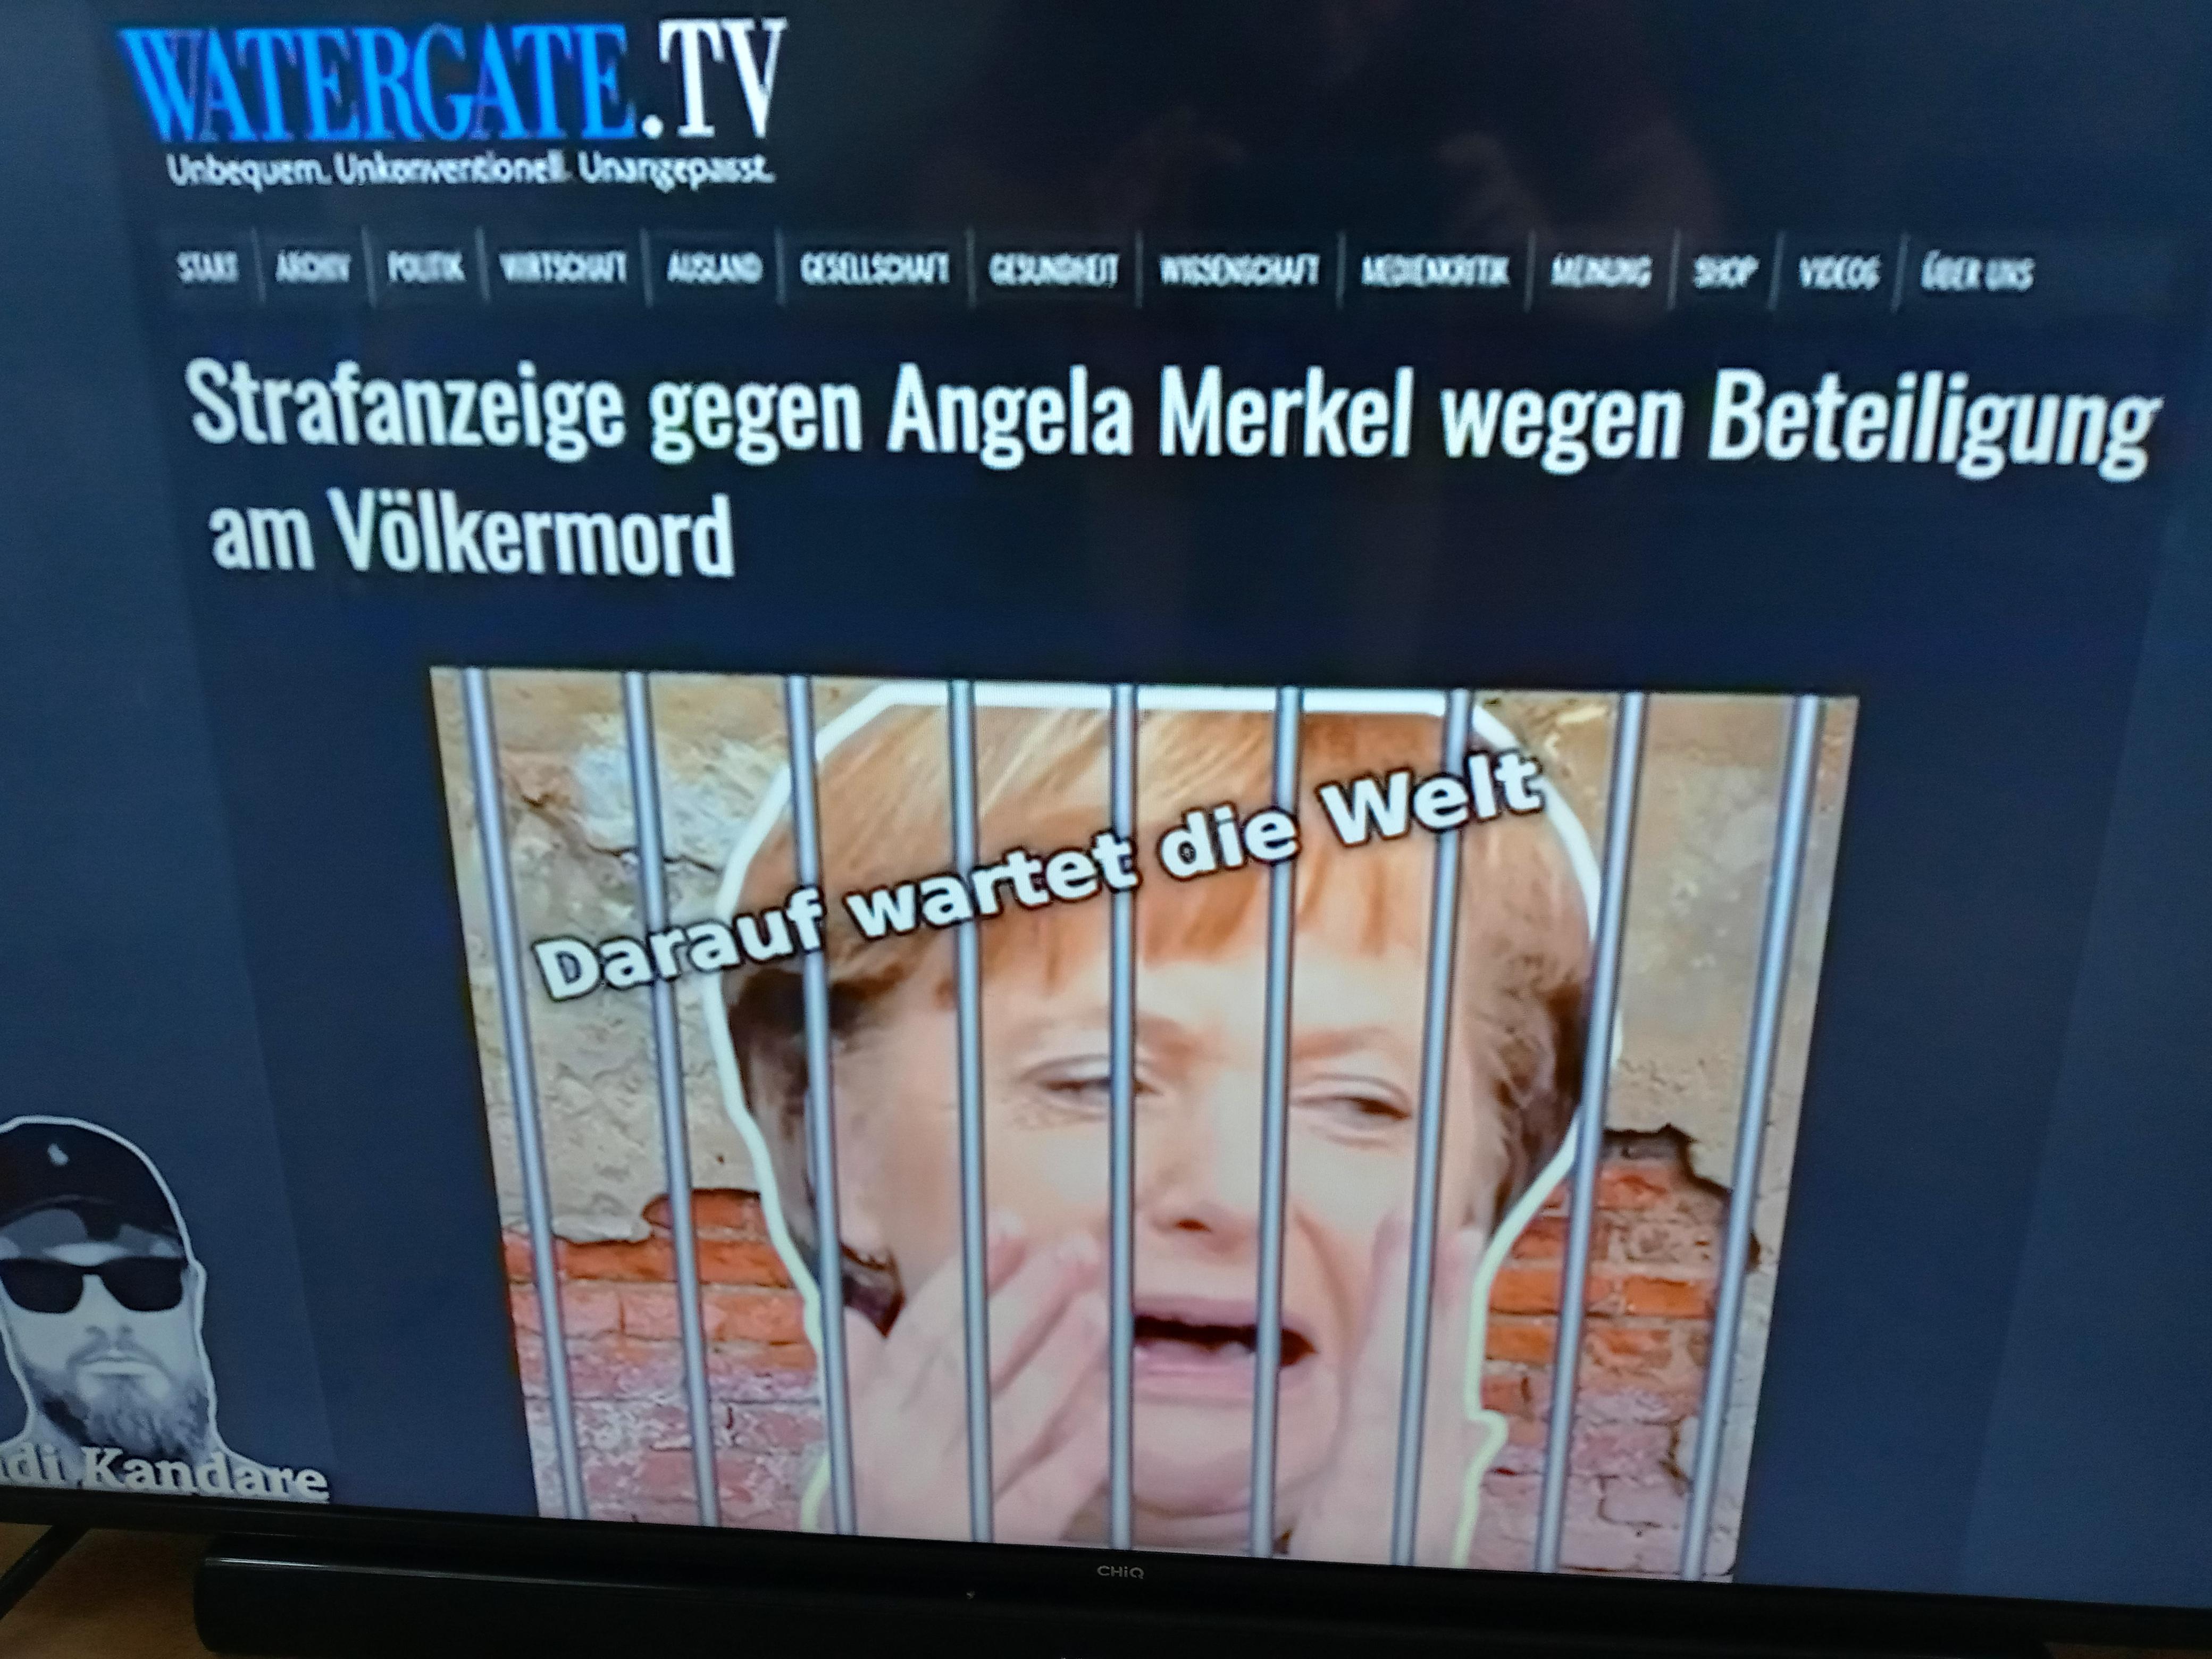 Stellt Strafanzeige gegen Angela Dorothea Merkel (geb. Aniela Kazmierczak) und ihre Helfer wegen Beteiligung am Völkermord und noch vielem mehr…!!!